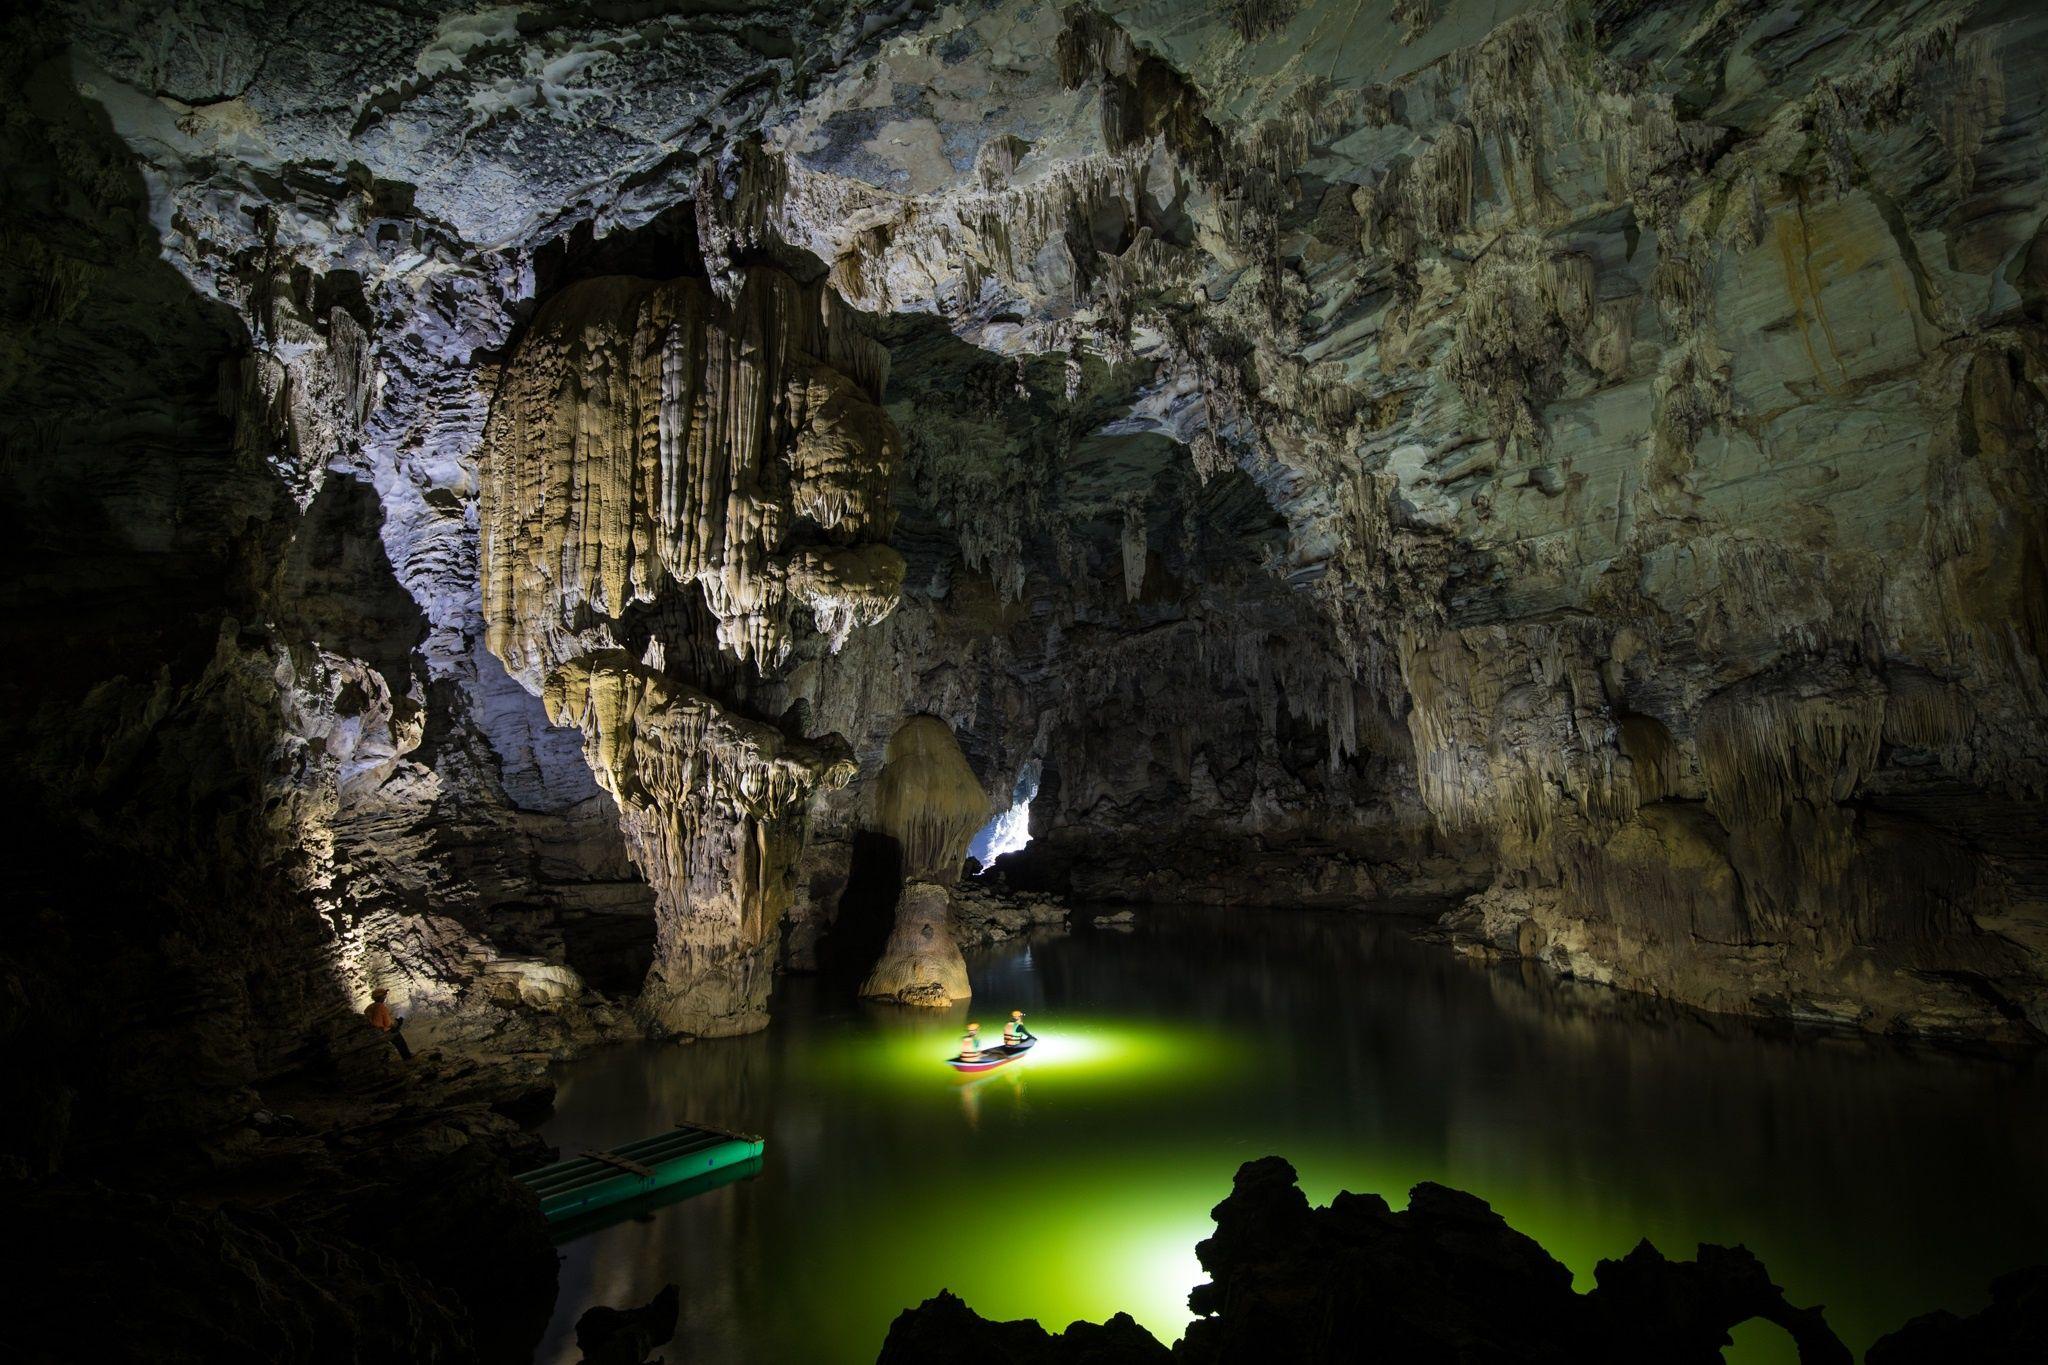 Khám phá hang động 5 triệu năm tuổi đẹp như xứ sở thần tiên ở Quảng Bình